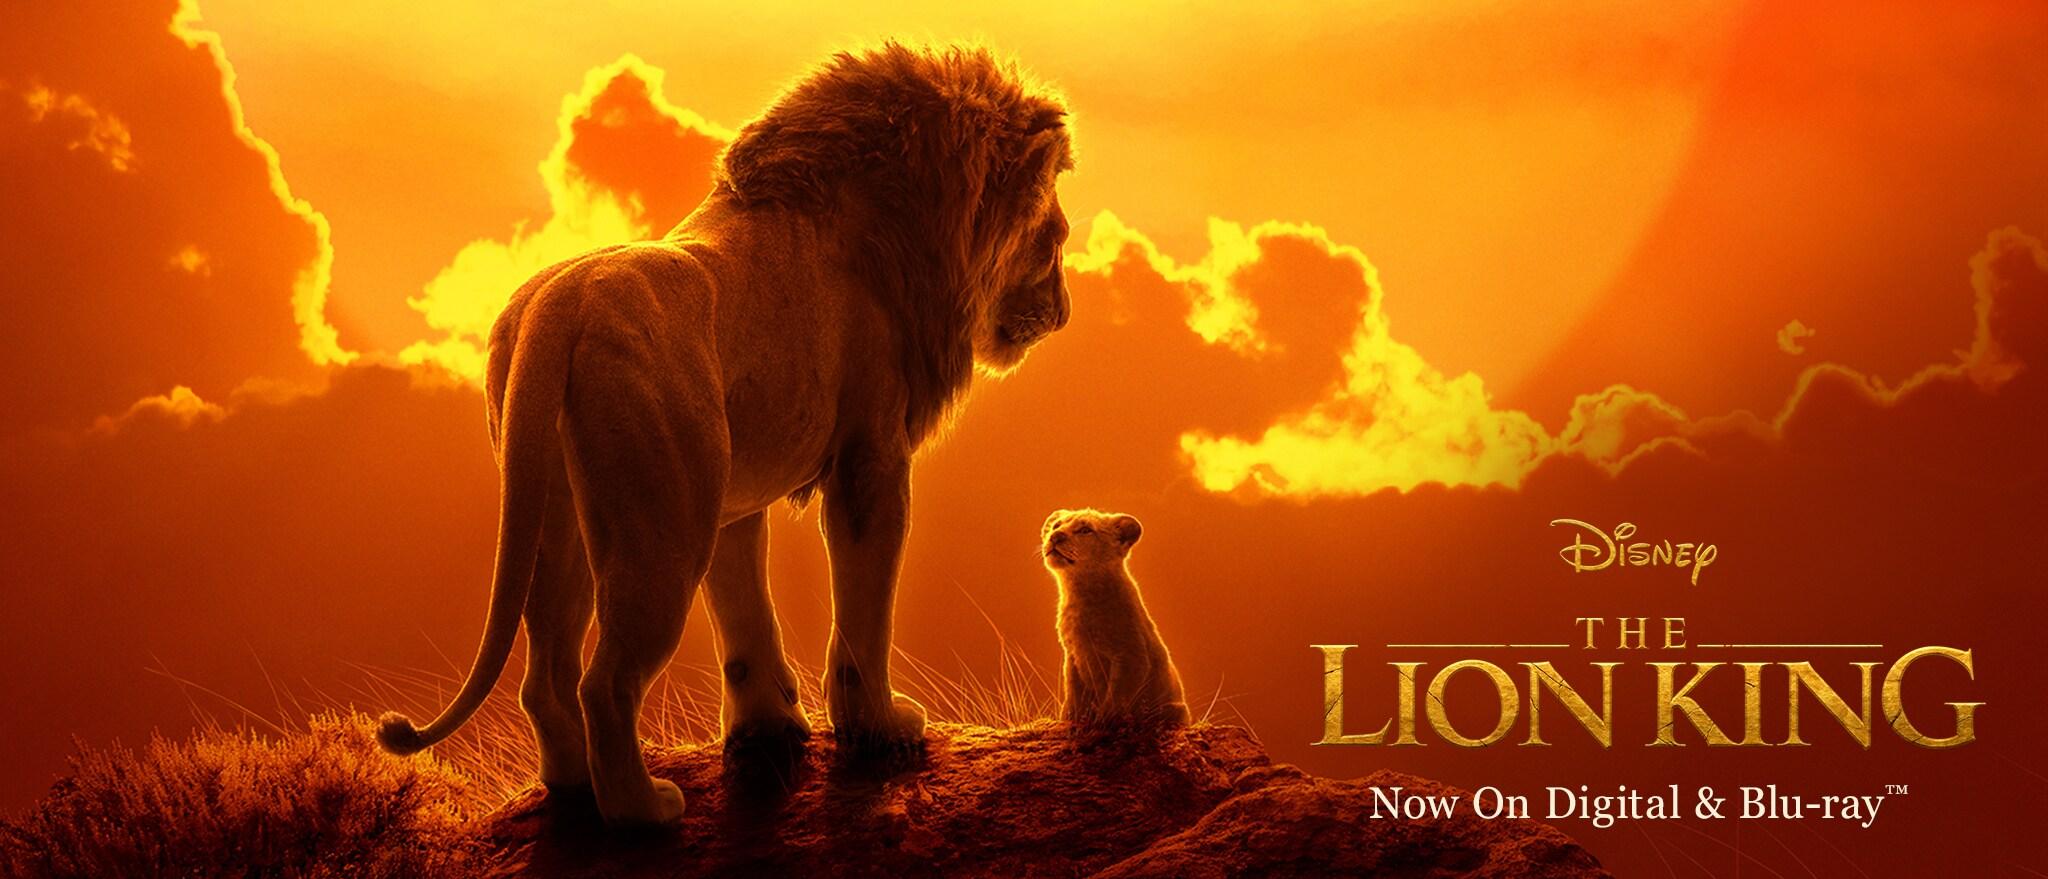 the lion king (2019) disney movies Latin Singer King